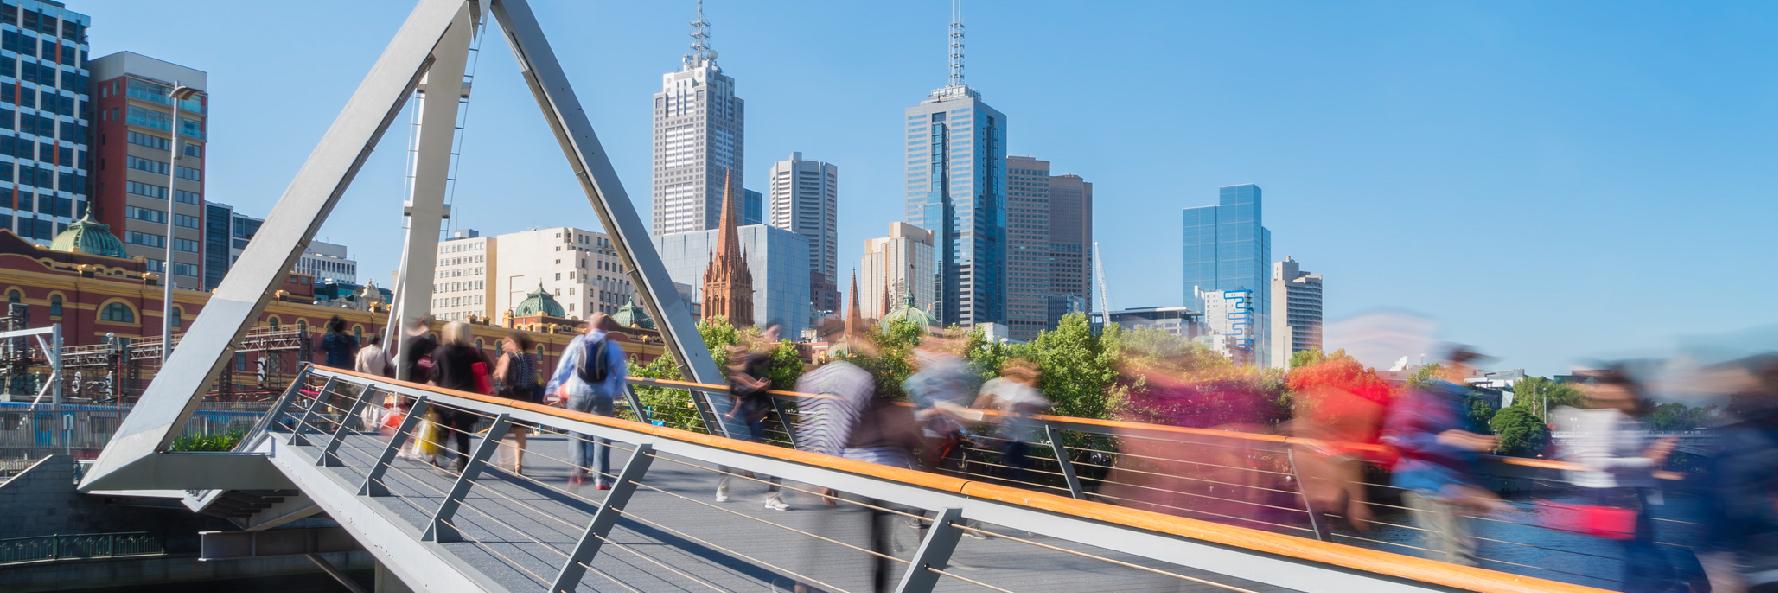 Ville pietonniere Melbourne CBRE-01